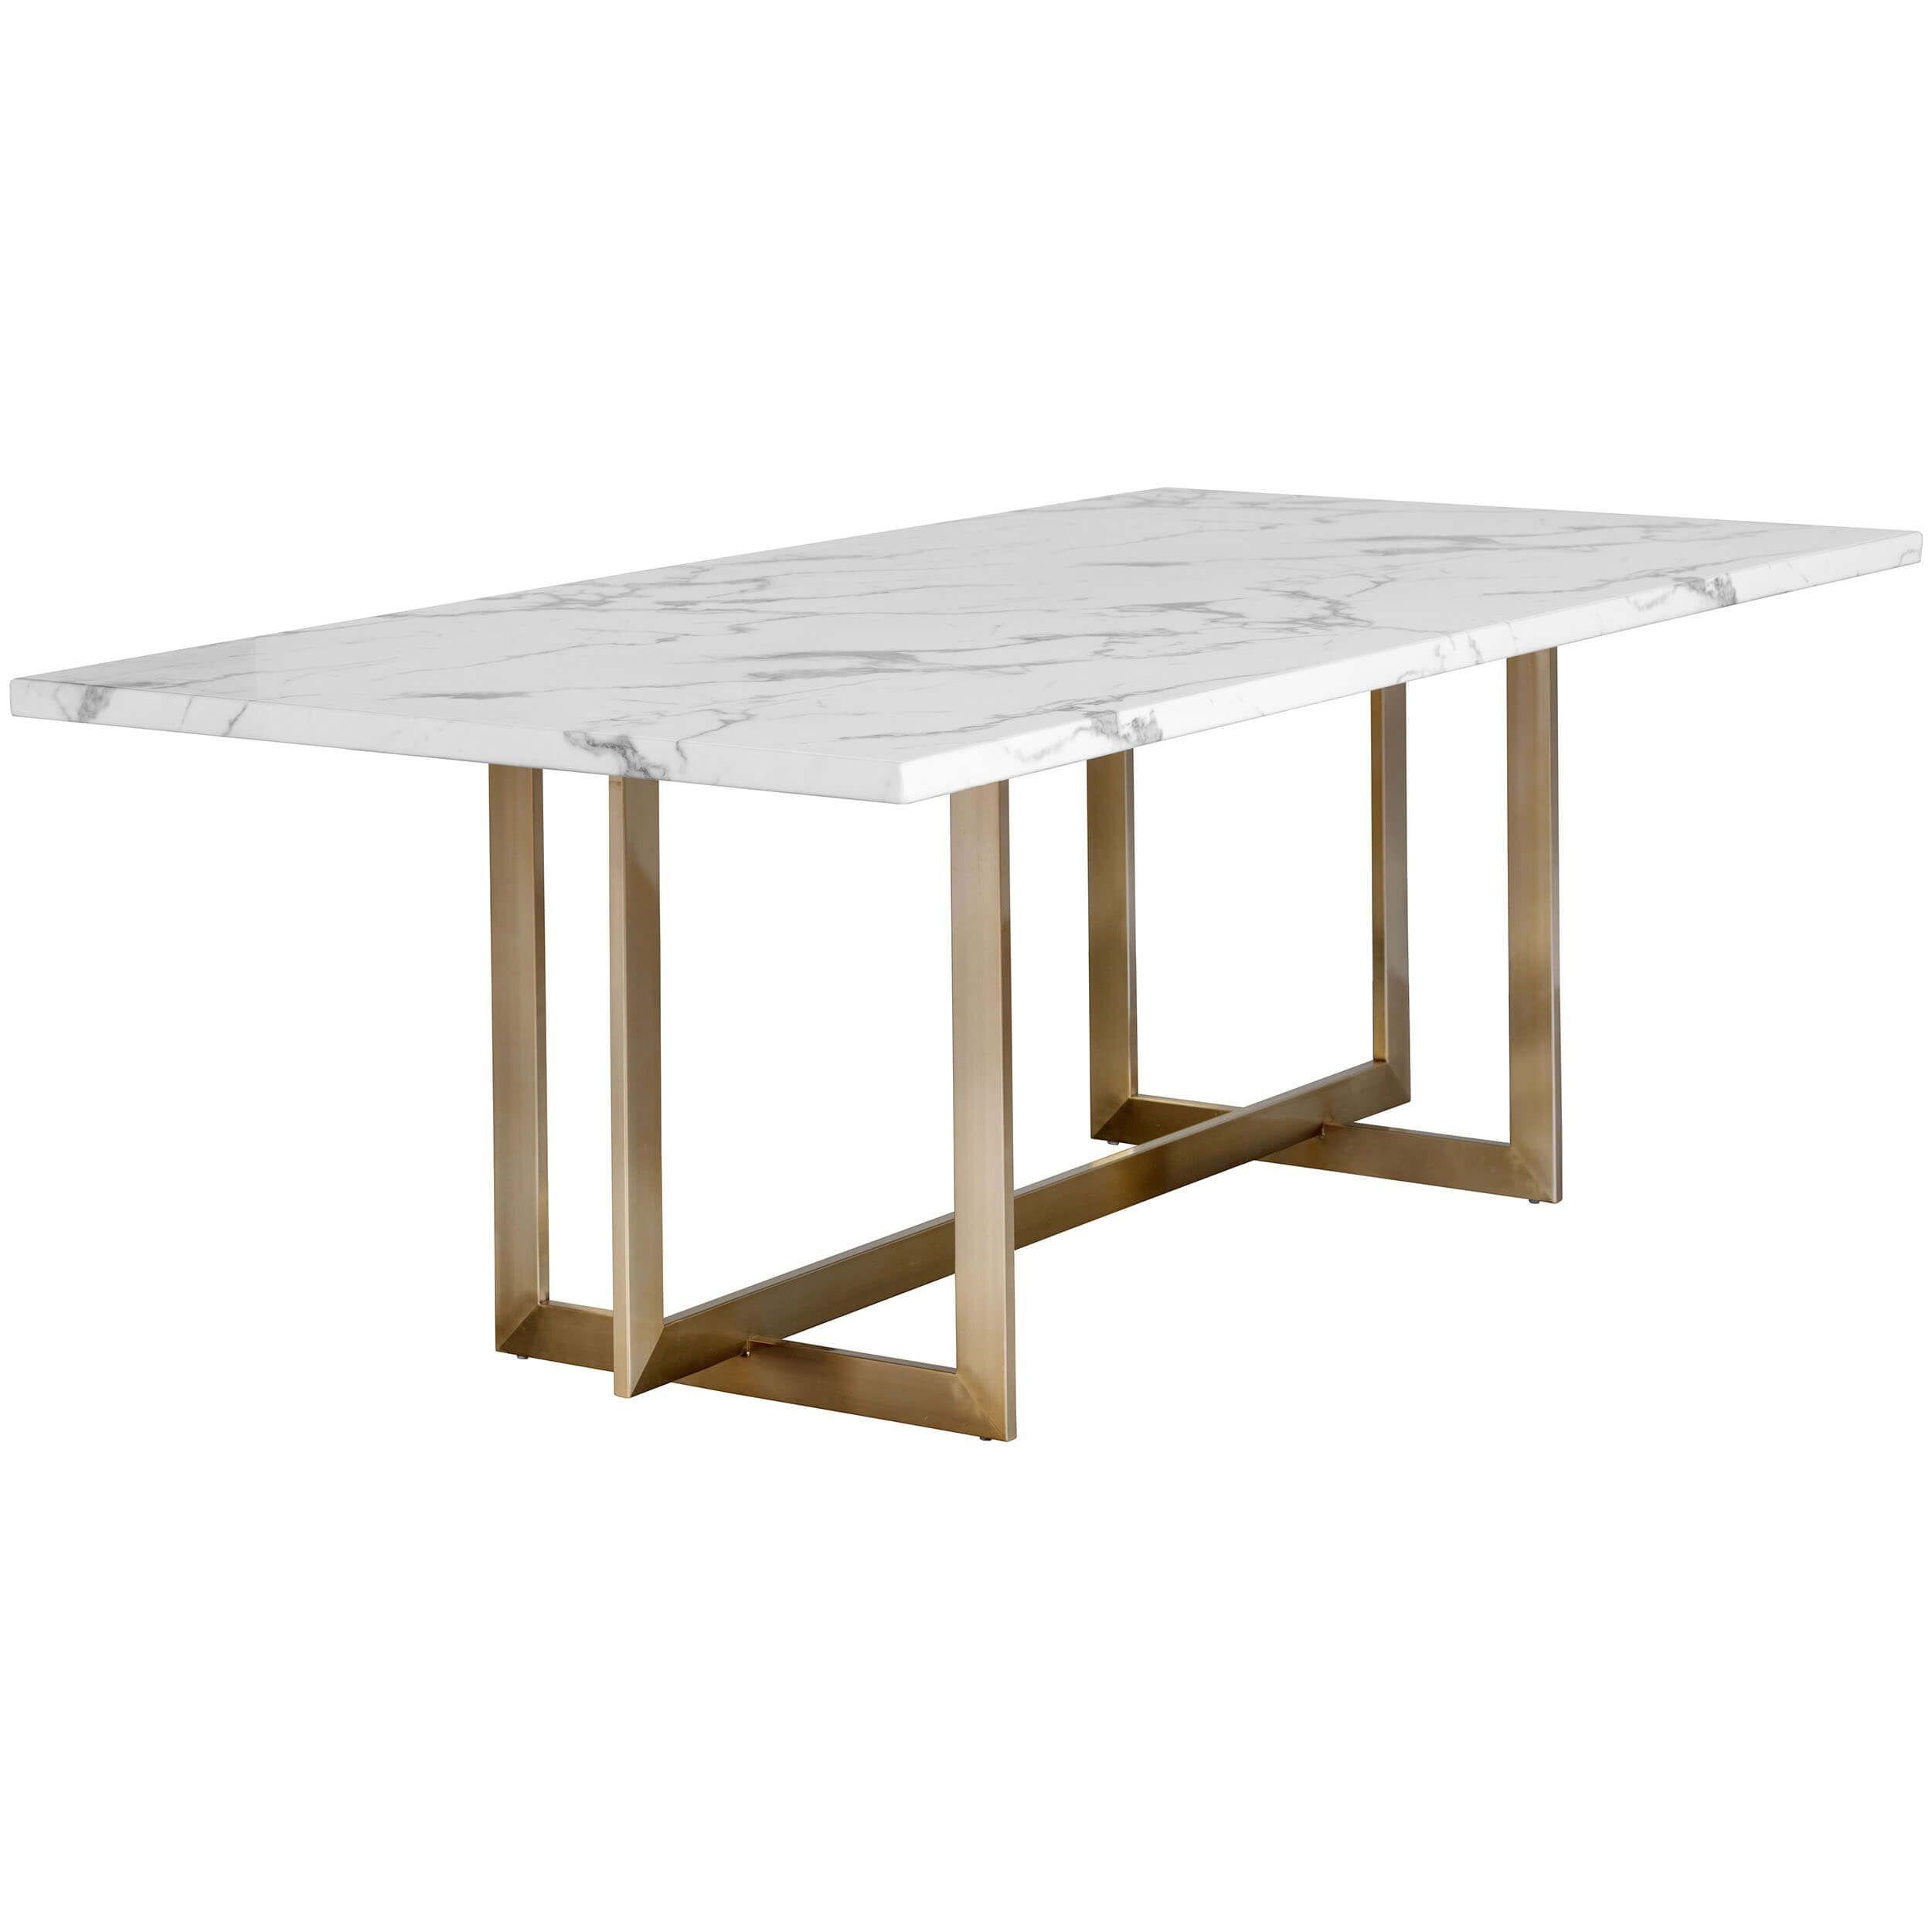 The Rosellen Dining Table Offers A Bold Yet Ele Esstisch Oval Tisch Mit Marmorplatte Speisezimmereinrichtung